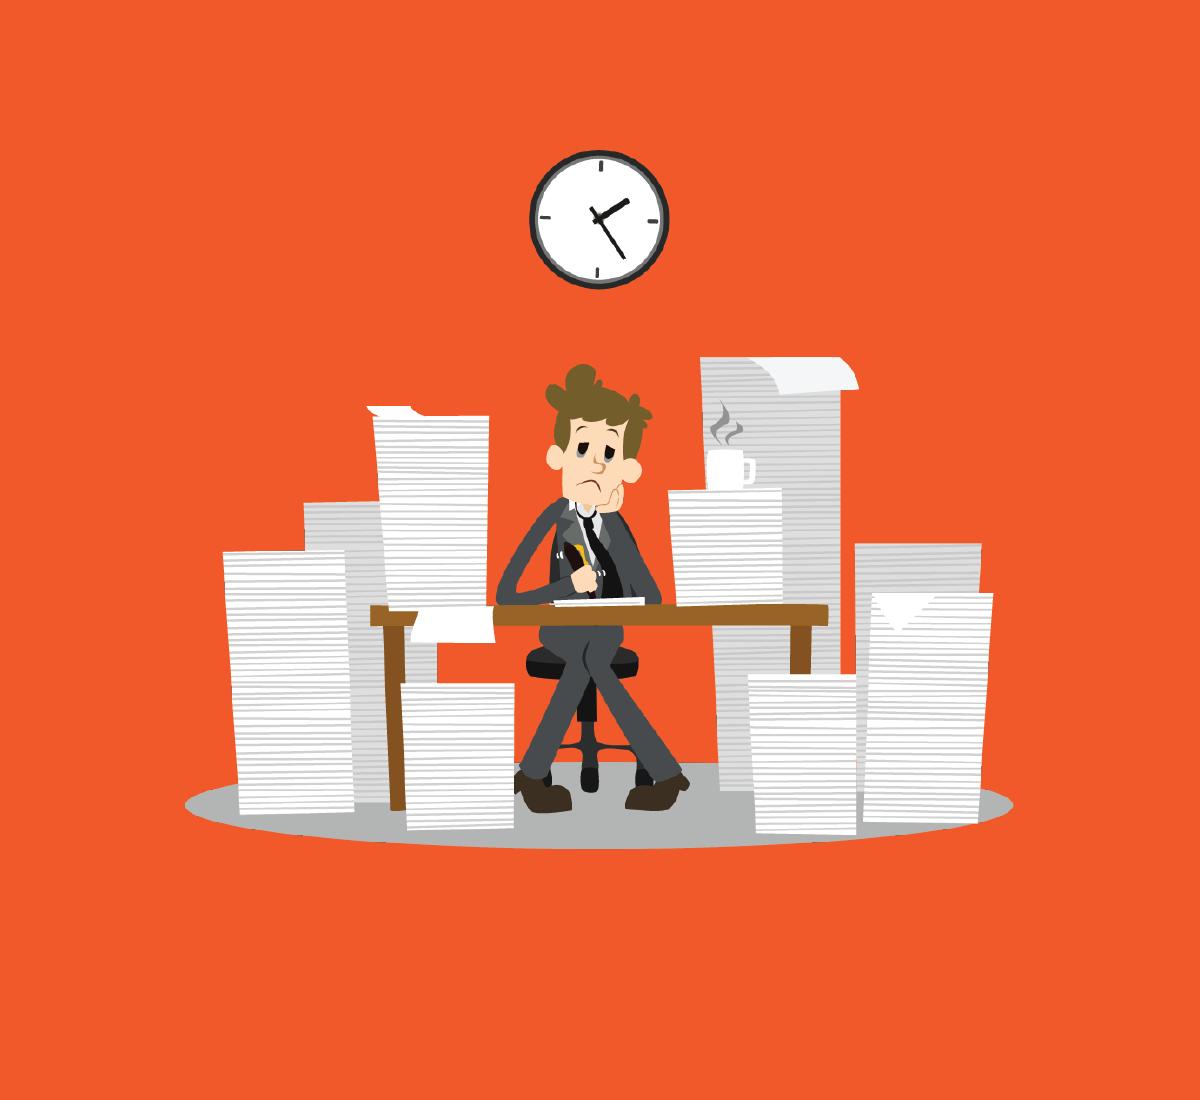 #Cansado de preencher relatórios de vendas?